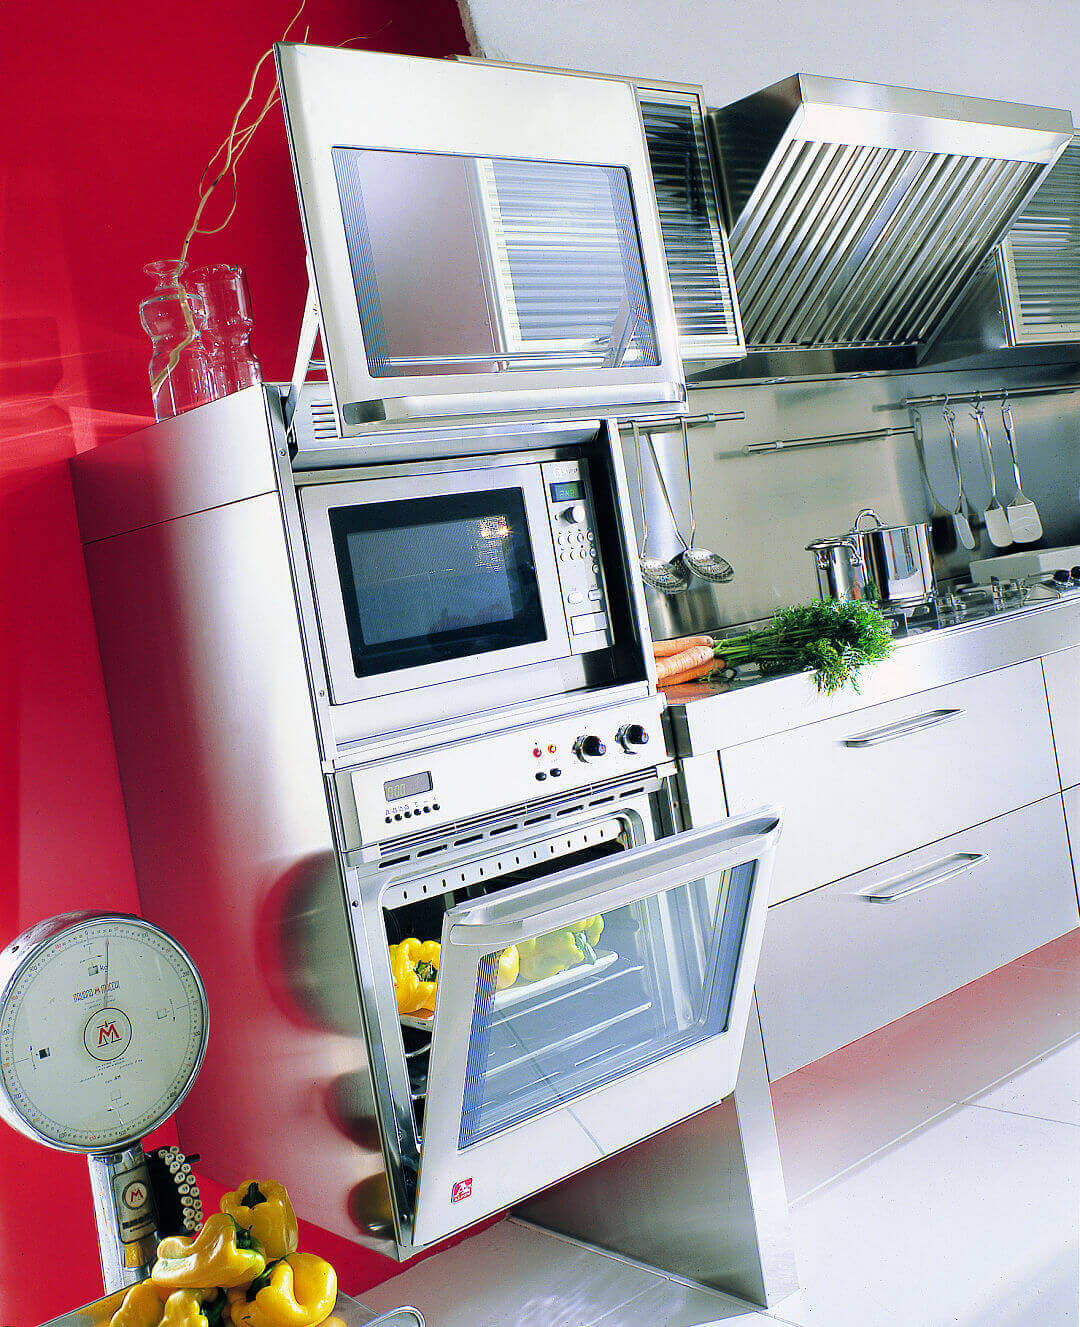 Arca Cucine Italia - Cucina Domestica in Acciaio Inox - Spring - Colonna Forni